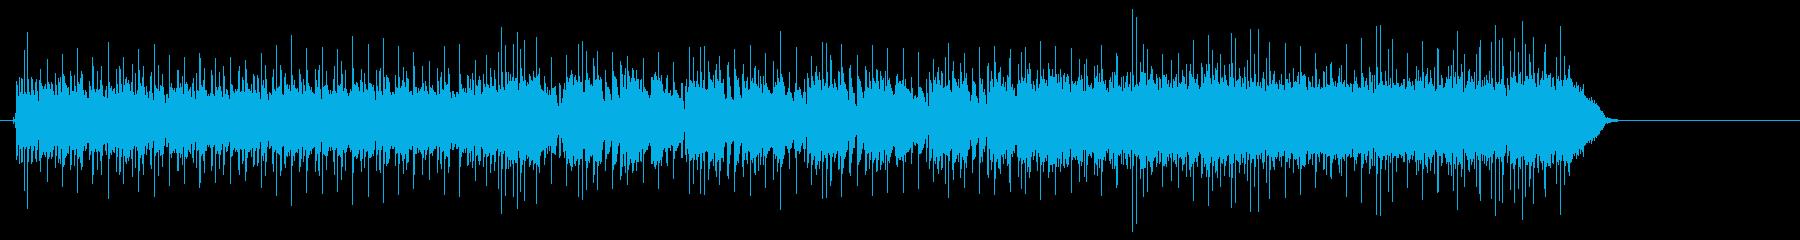 ギターの余韻が強烈な鋭角的スピードメタルの再生済みの波形